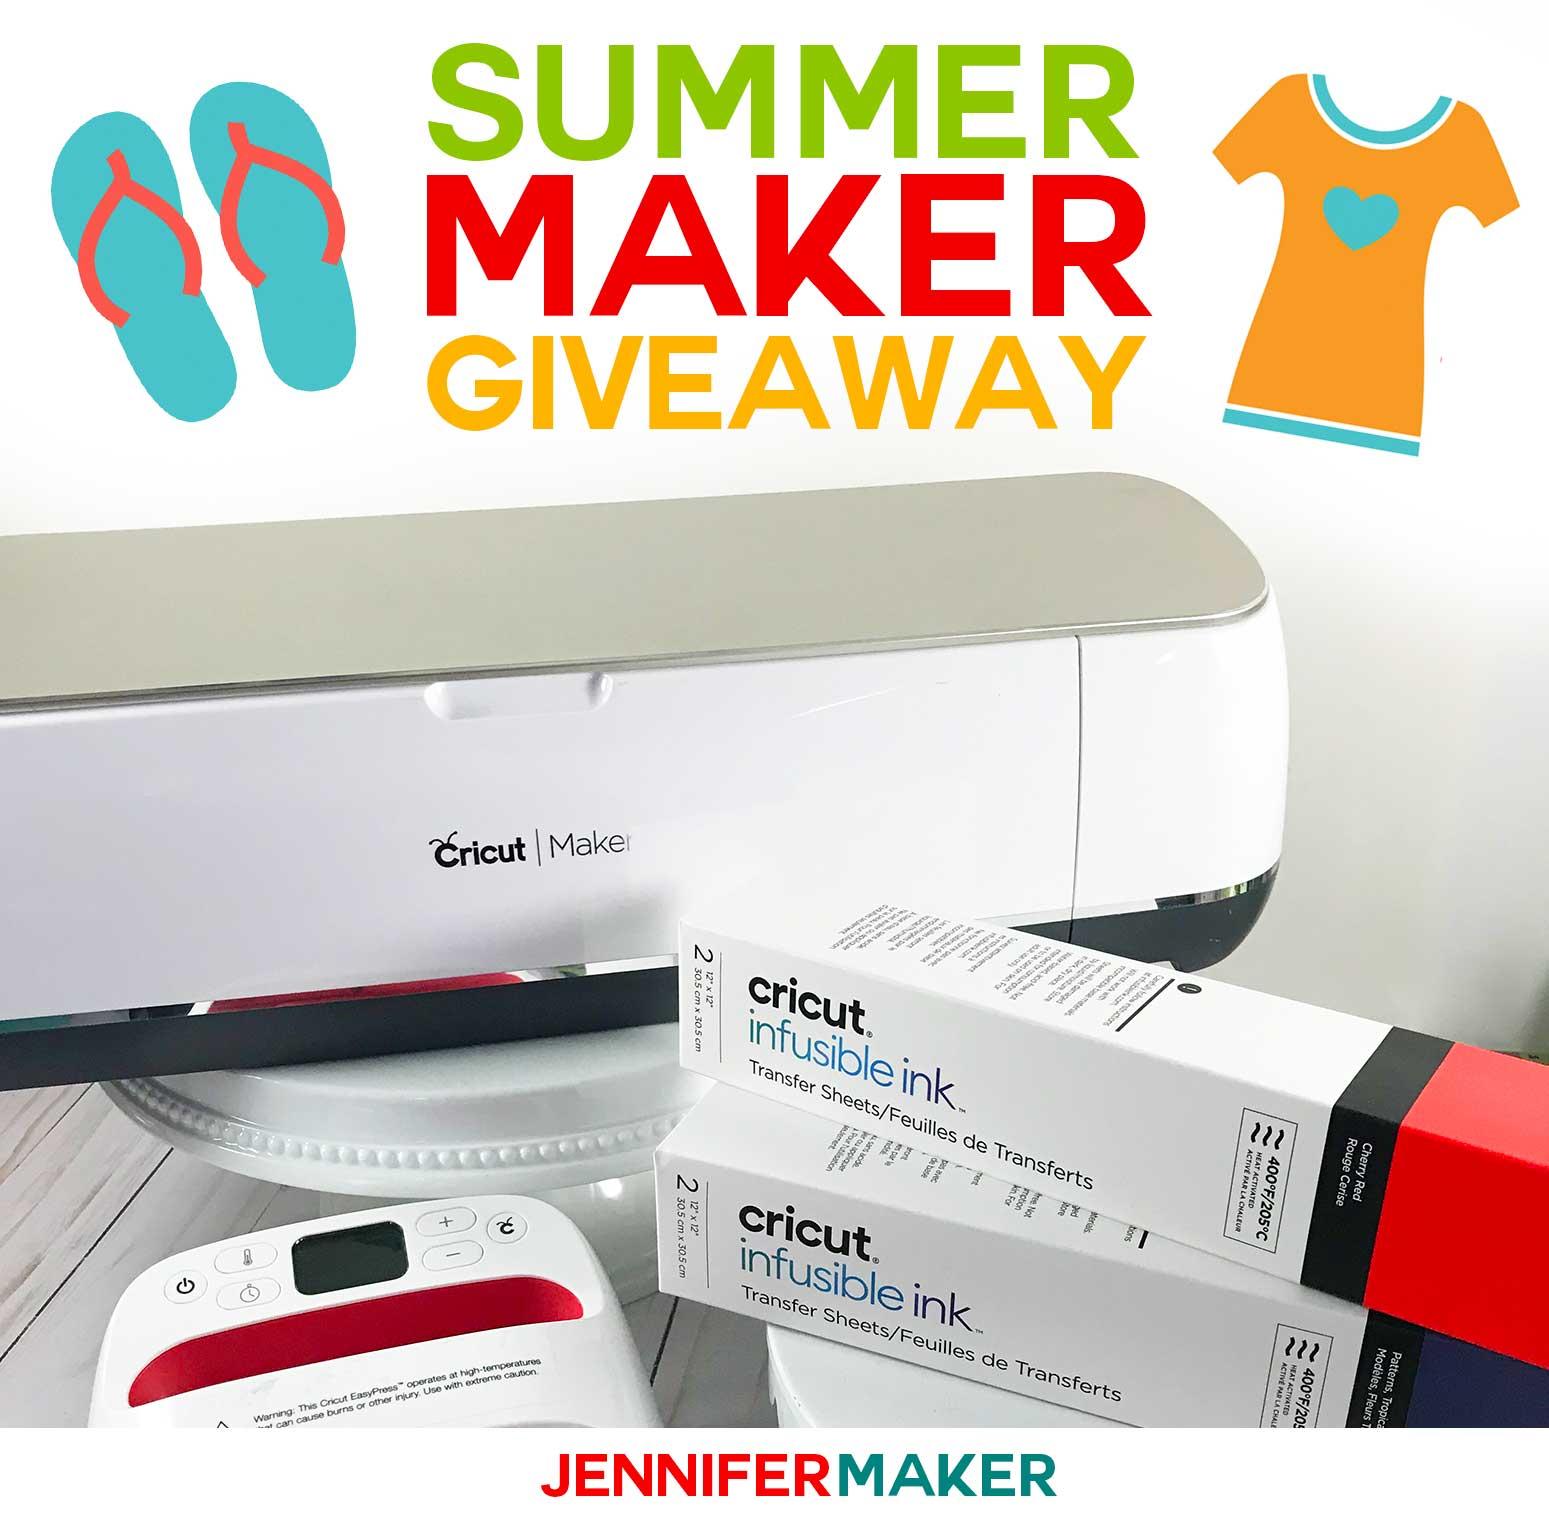 Summer Maker Giveaway: Win a Cricut Maker! - Jennifer Maker